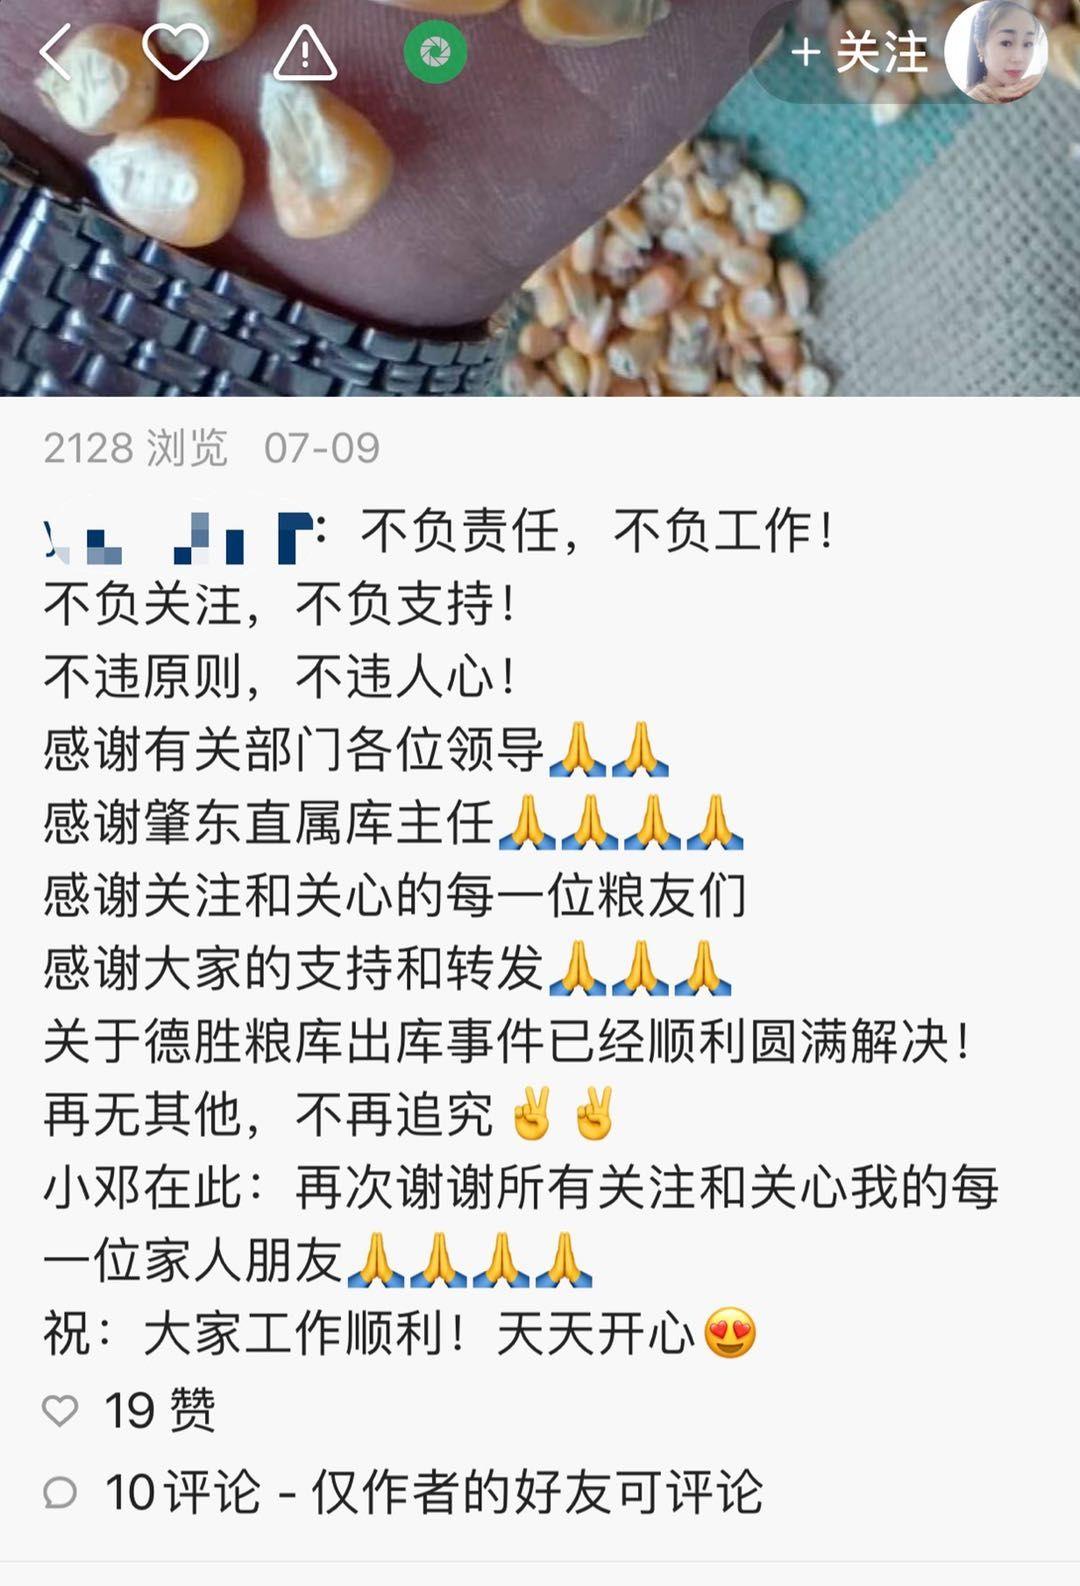 事件之后,举报者王丽(化名)在视频平台发布声明称圆满解决。视频截图